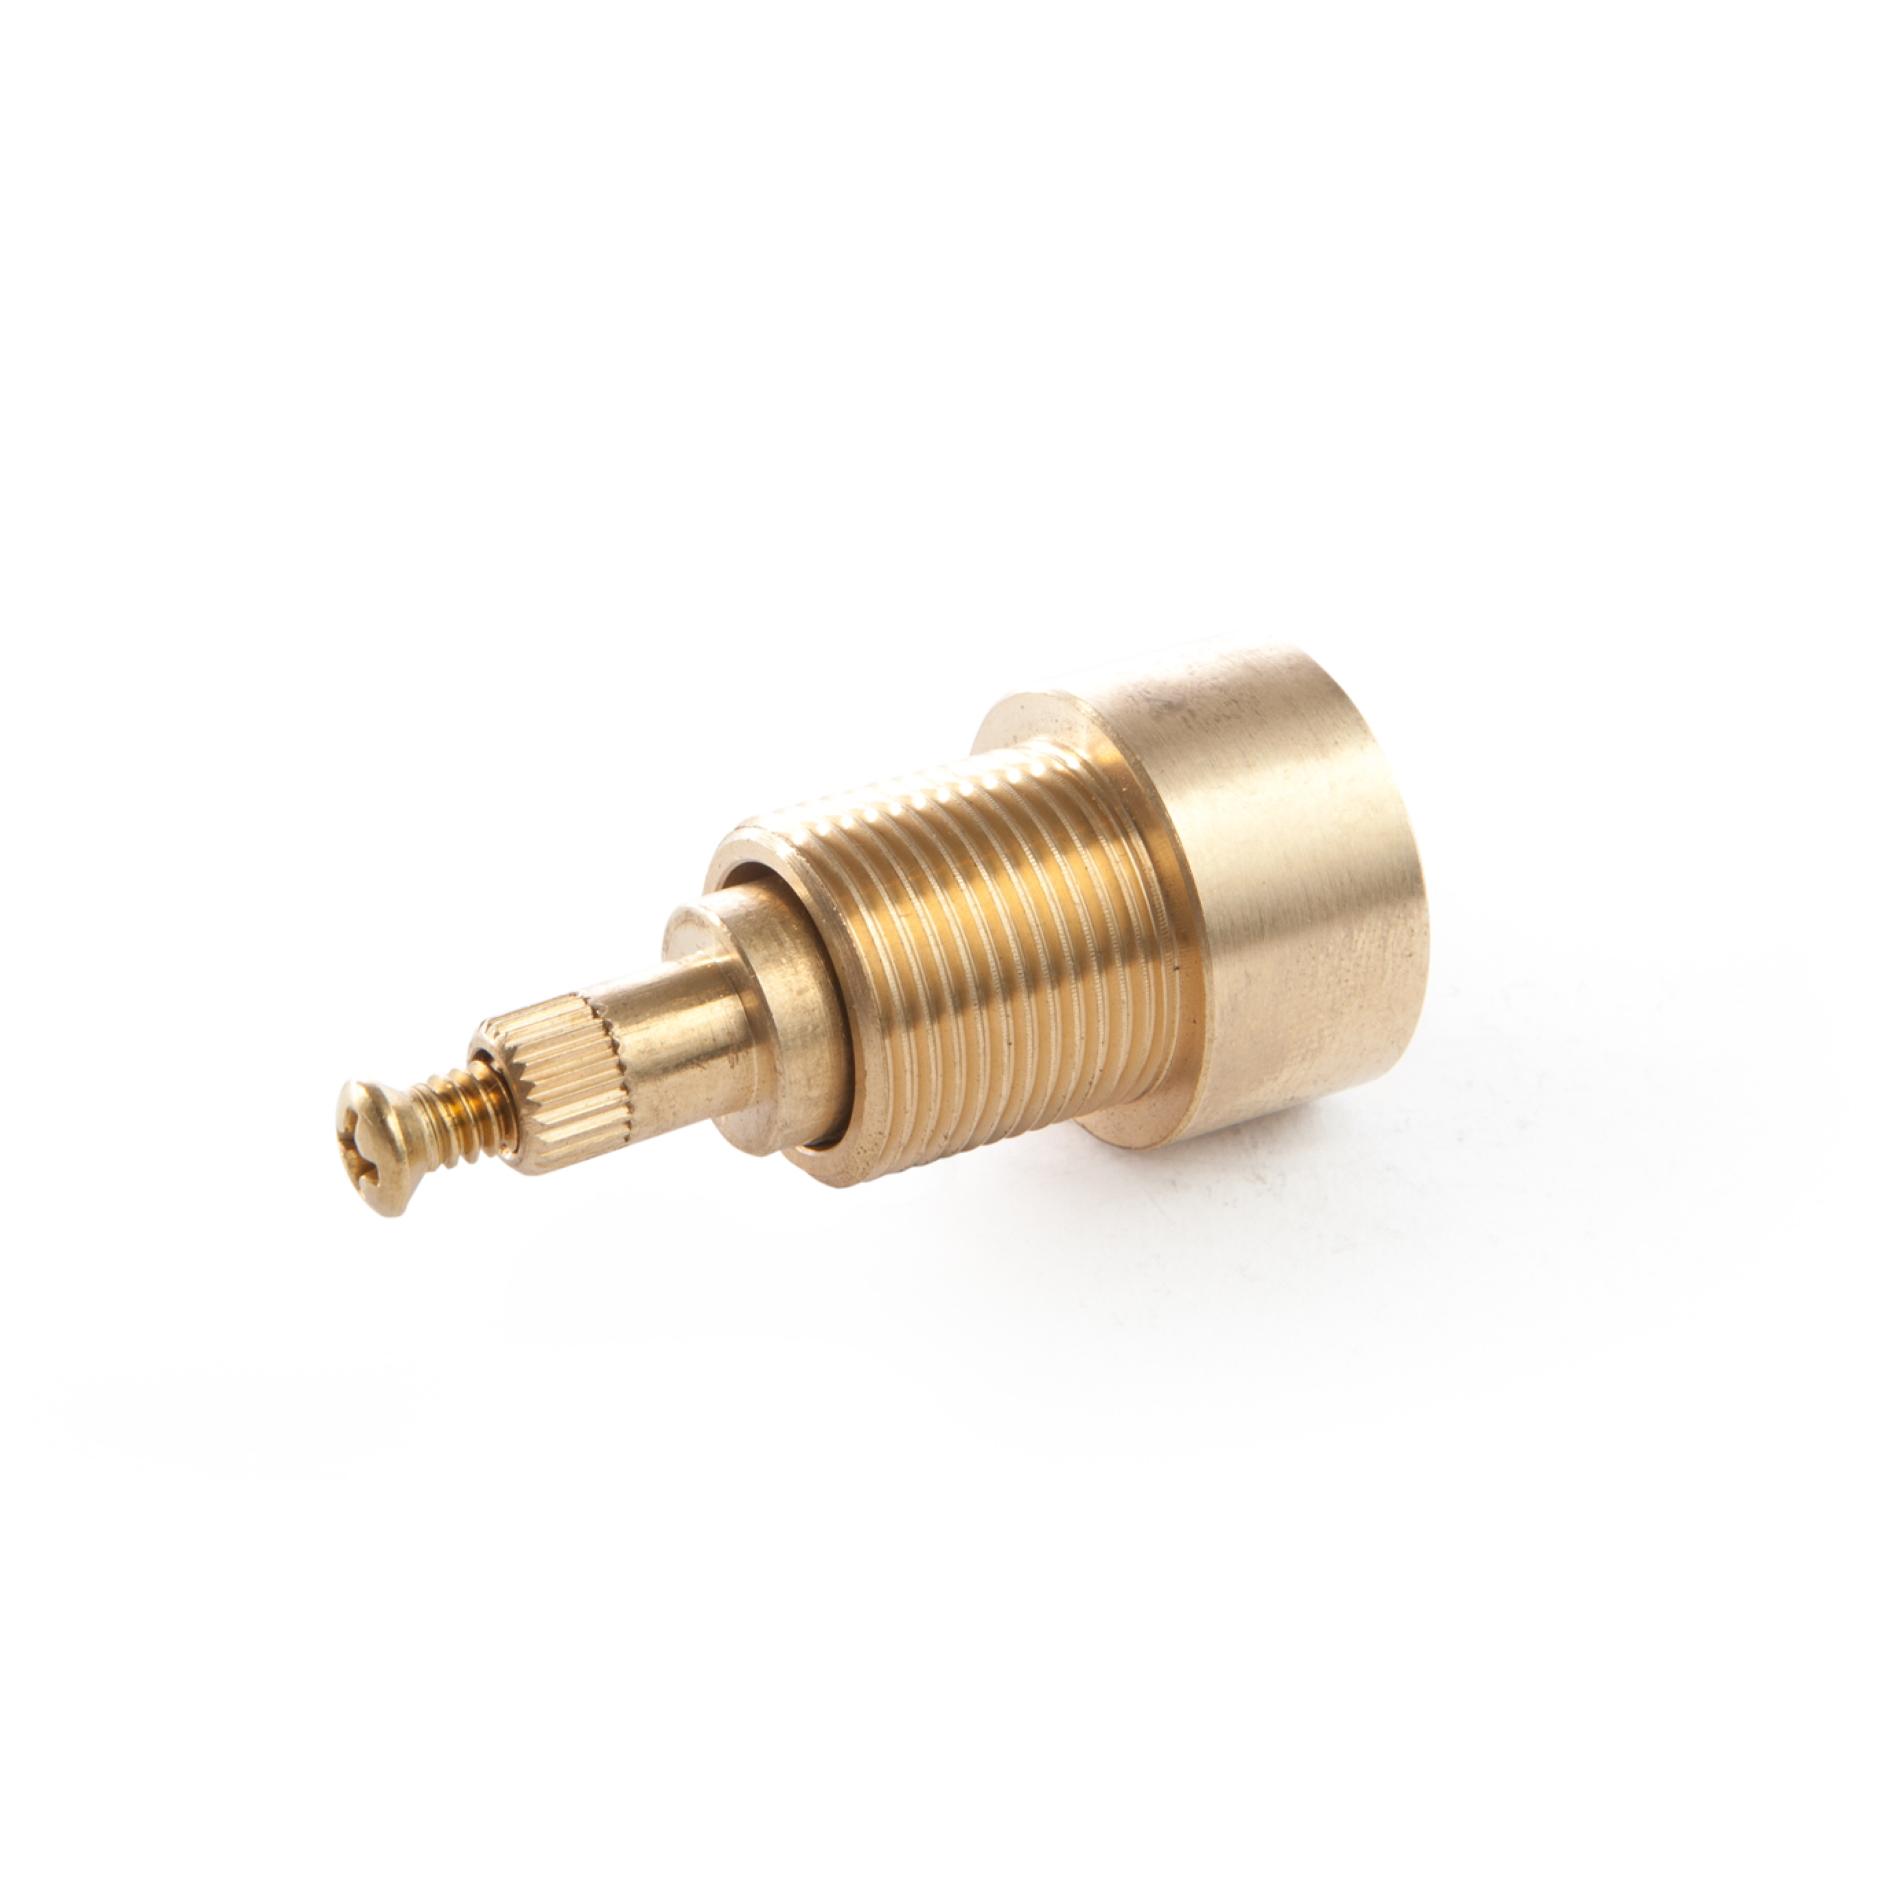 A15 Prolunga per articoli Extension for items 72-73-74 spare parts